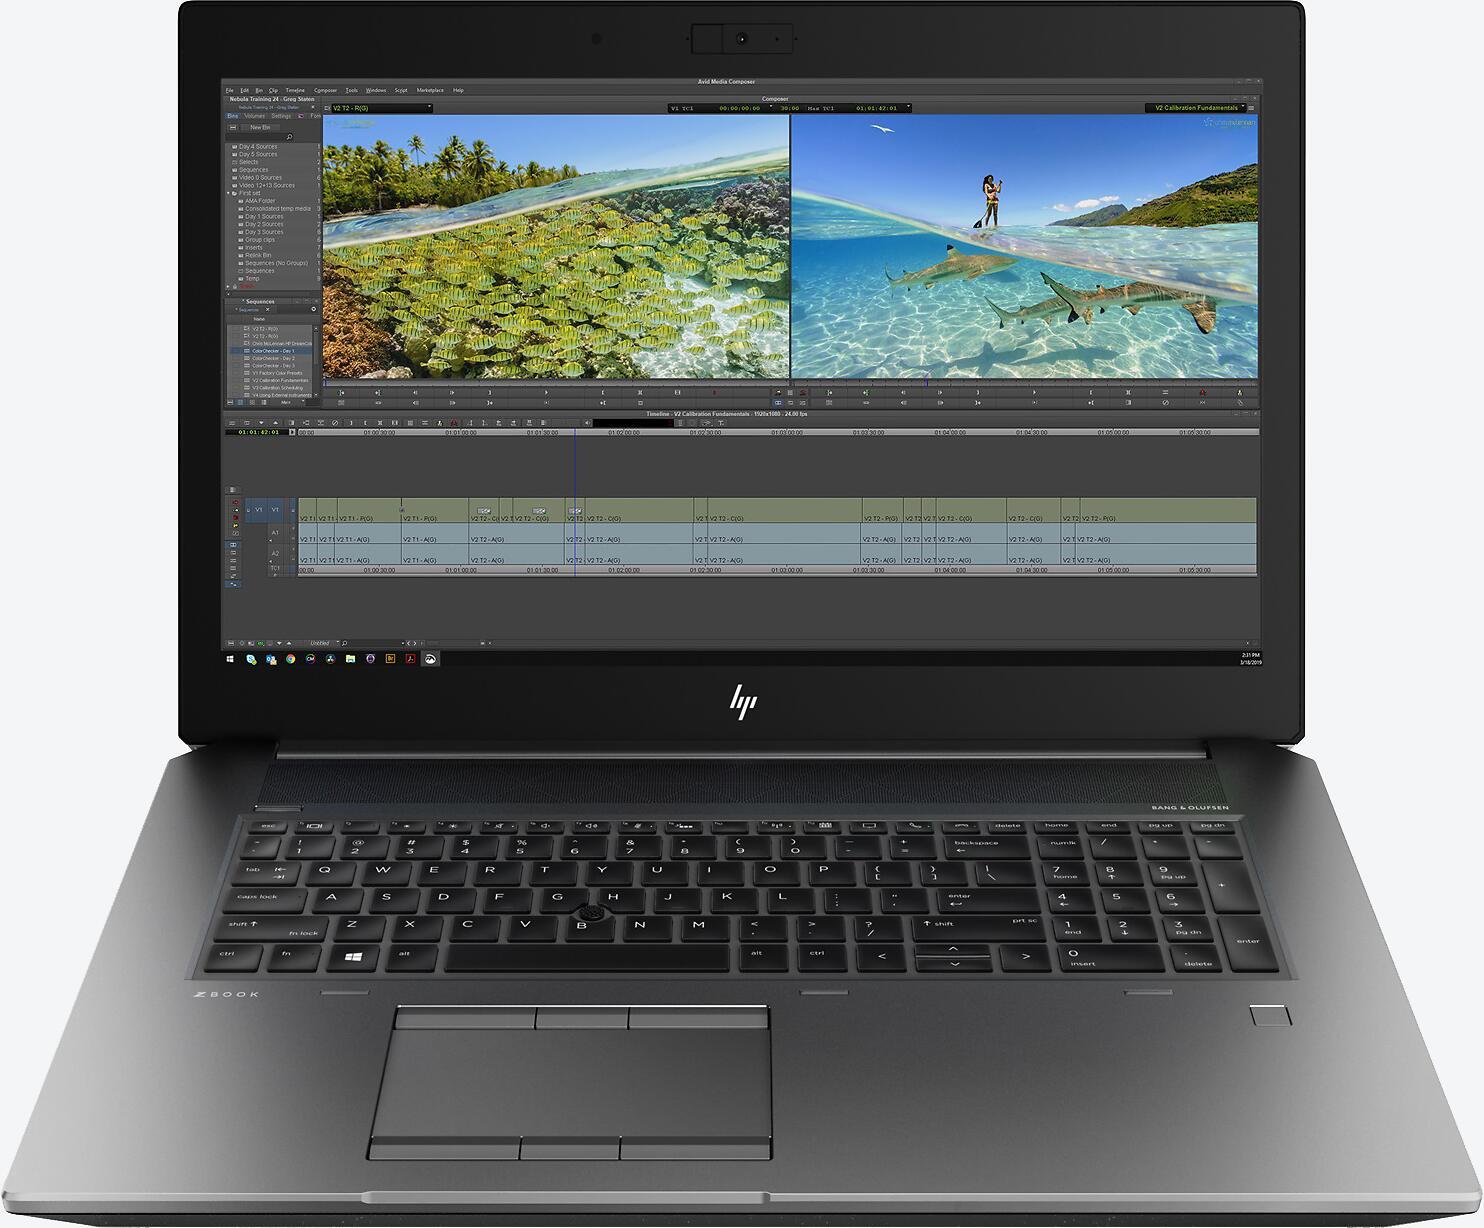 HP ZBook 17 G6 Grau (6TU97EA)